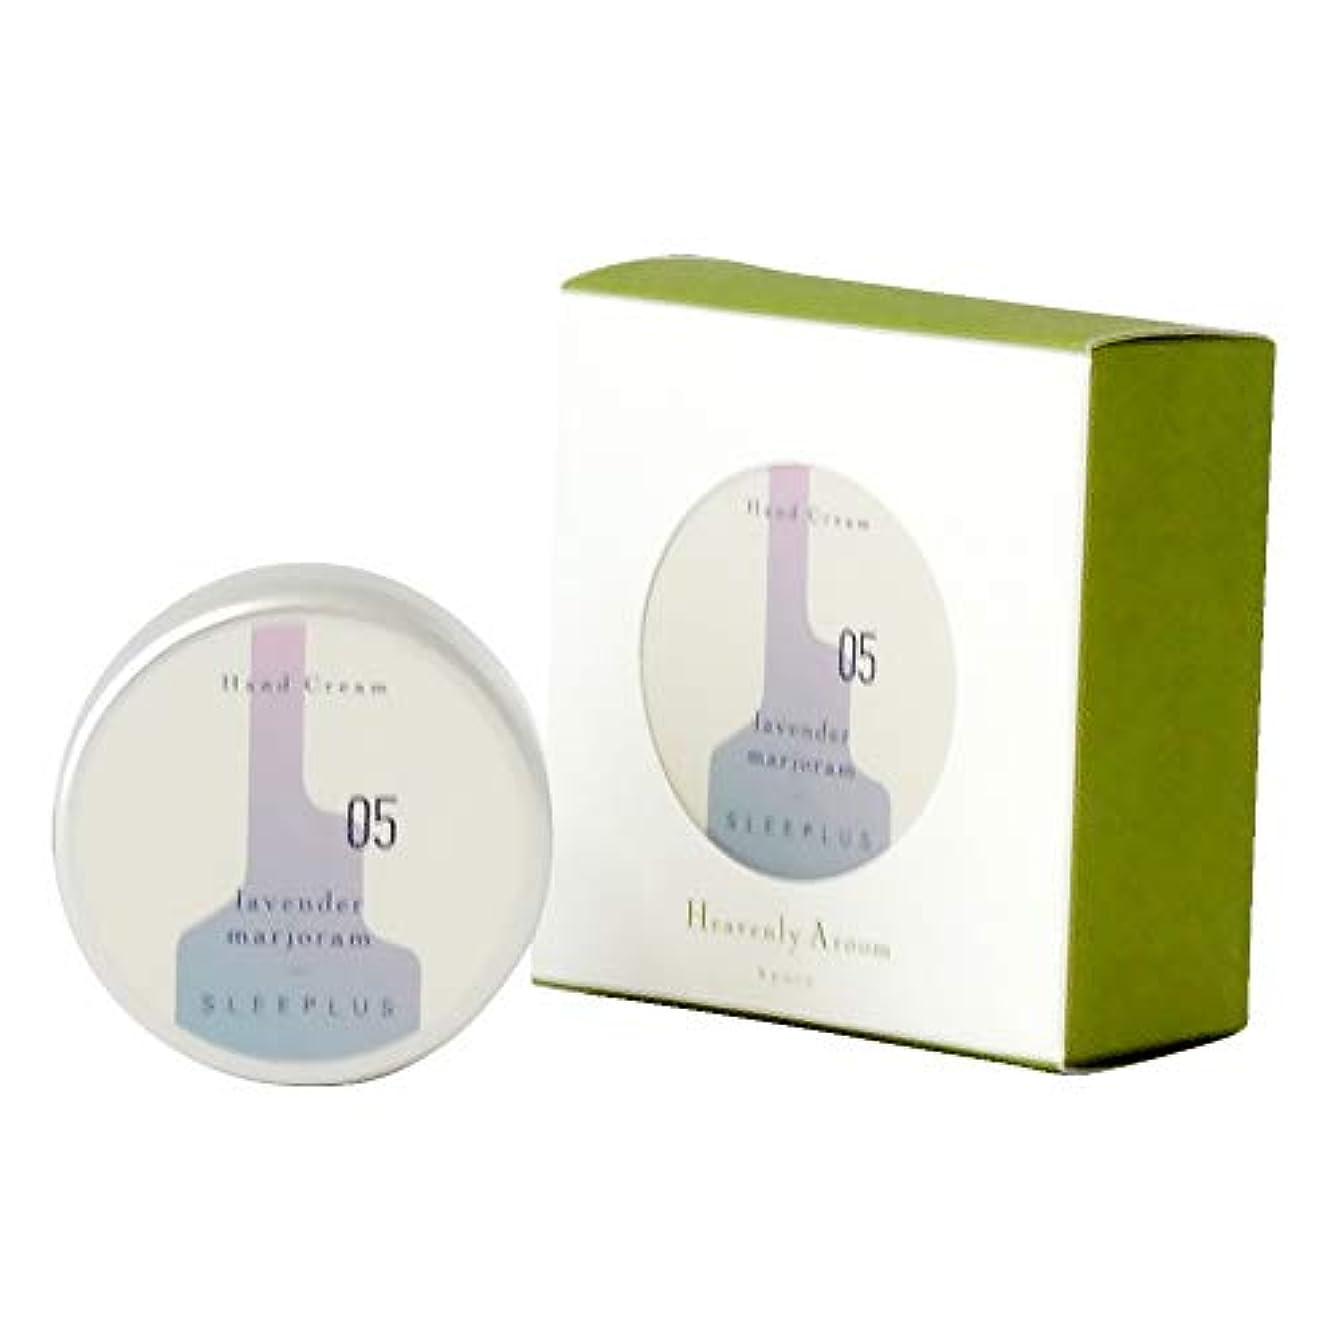 雑多な巻き戻す肥満Heavenly Aroom ハンドクリーム SLEEPLUS 05 ラベンダーマージョラム 30g